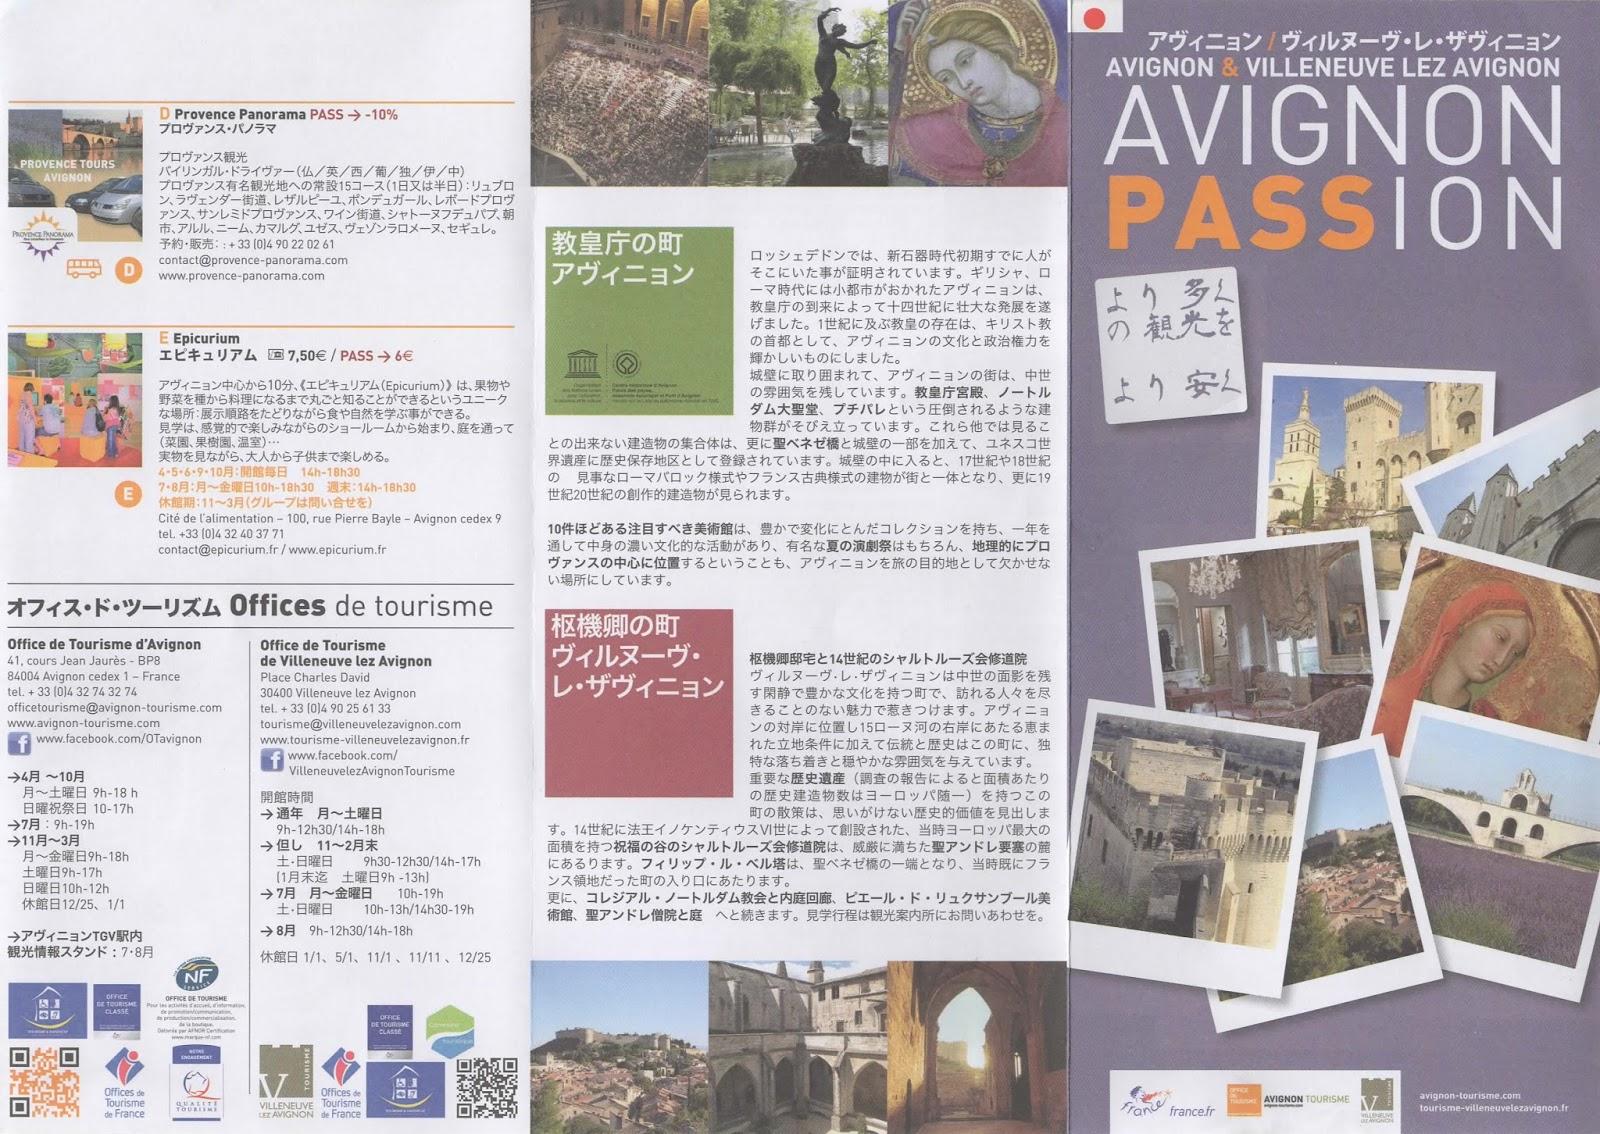 AVIGNON PASSION p.1